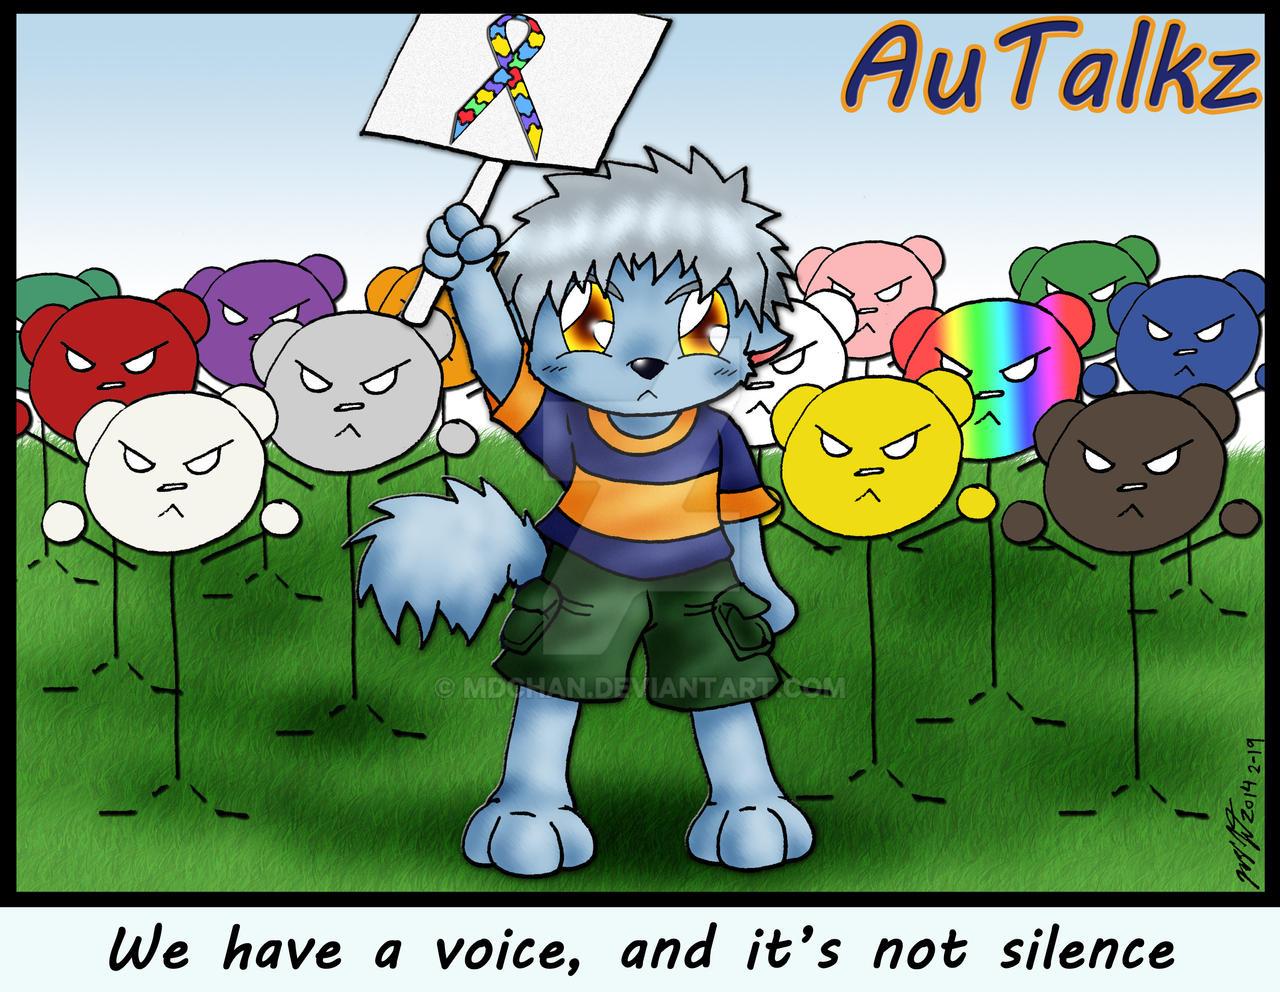 AuTalkz - Voice by mdchan